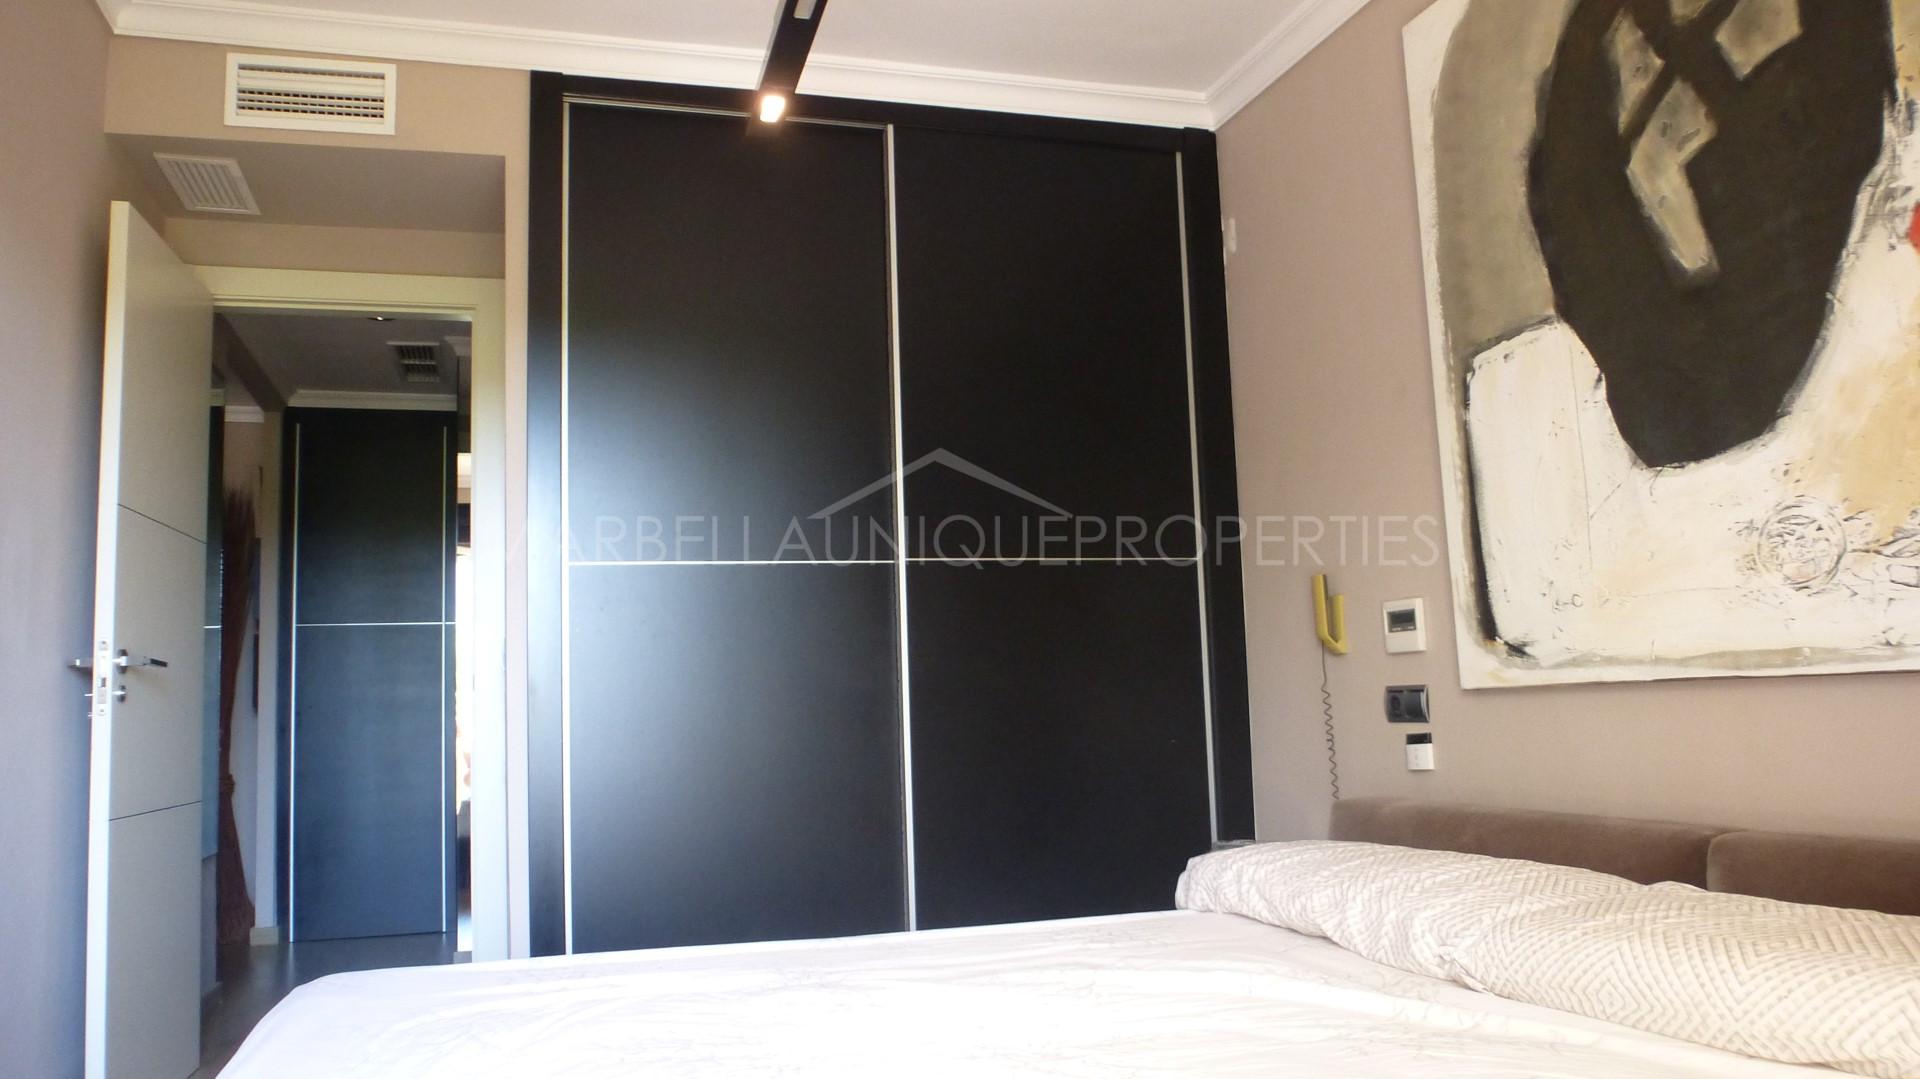 A unique 1 bedroom apartment in La Dama de Noche Nueva Andalucia